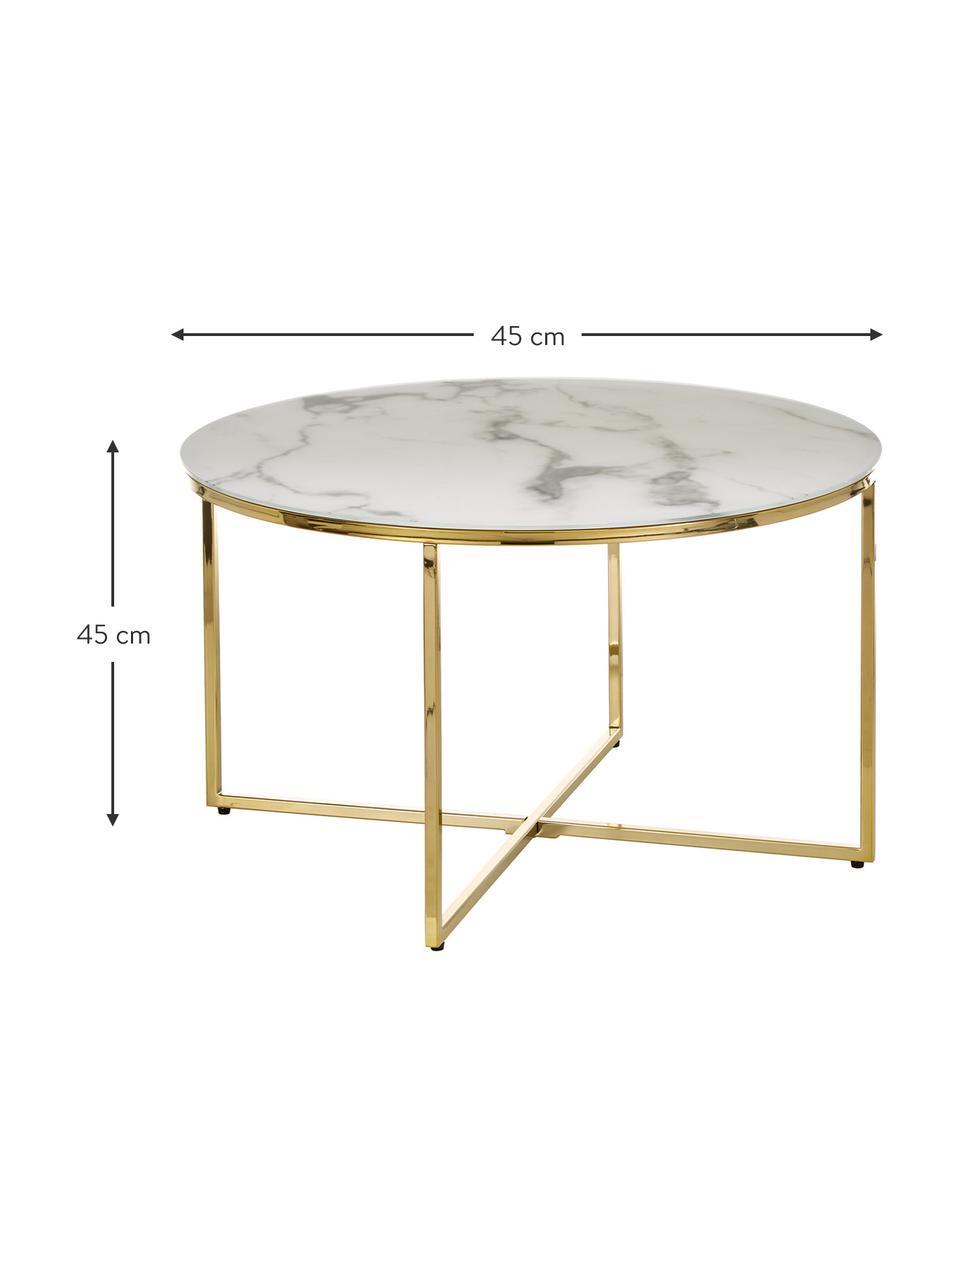 Couchtisch Antigua mit marmorierter Glasplatte, Tischplatte: Glas, matt bedruckt, Gestell: Metall, vermessingt, Weiß-grau marmoriert, Messing, Ø 80 x H 45 cm